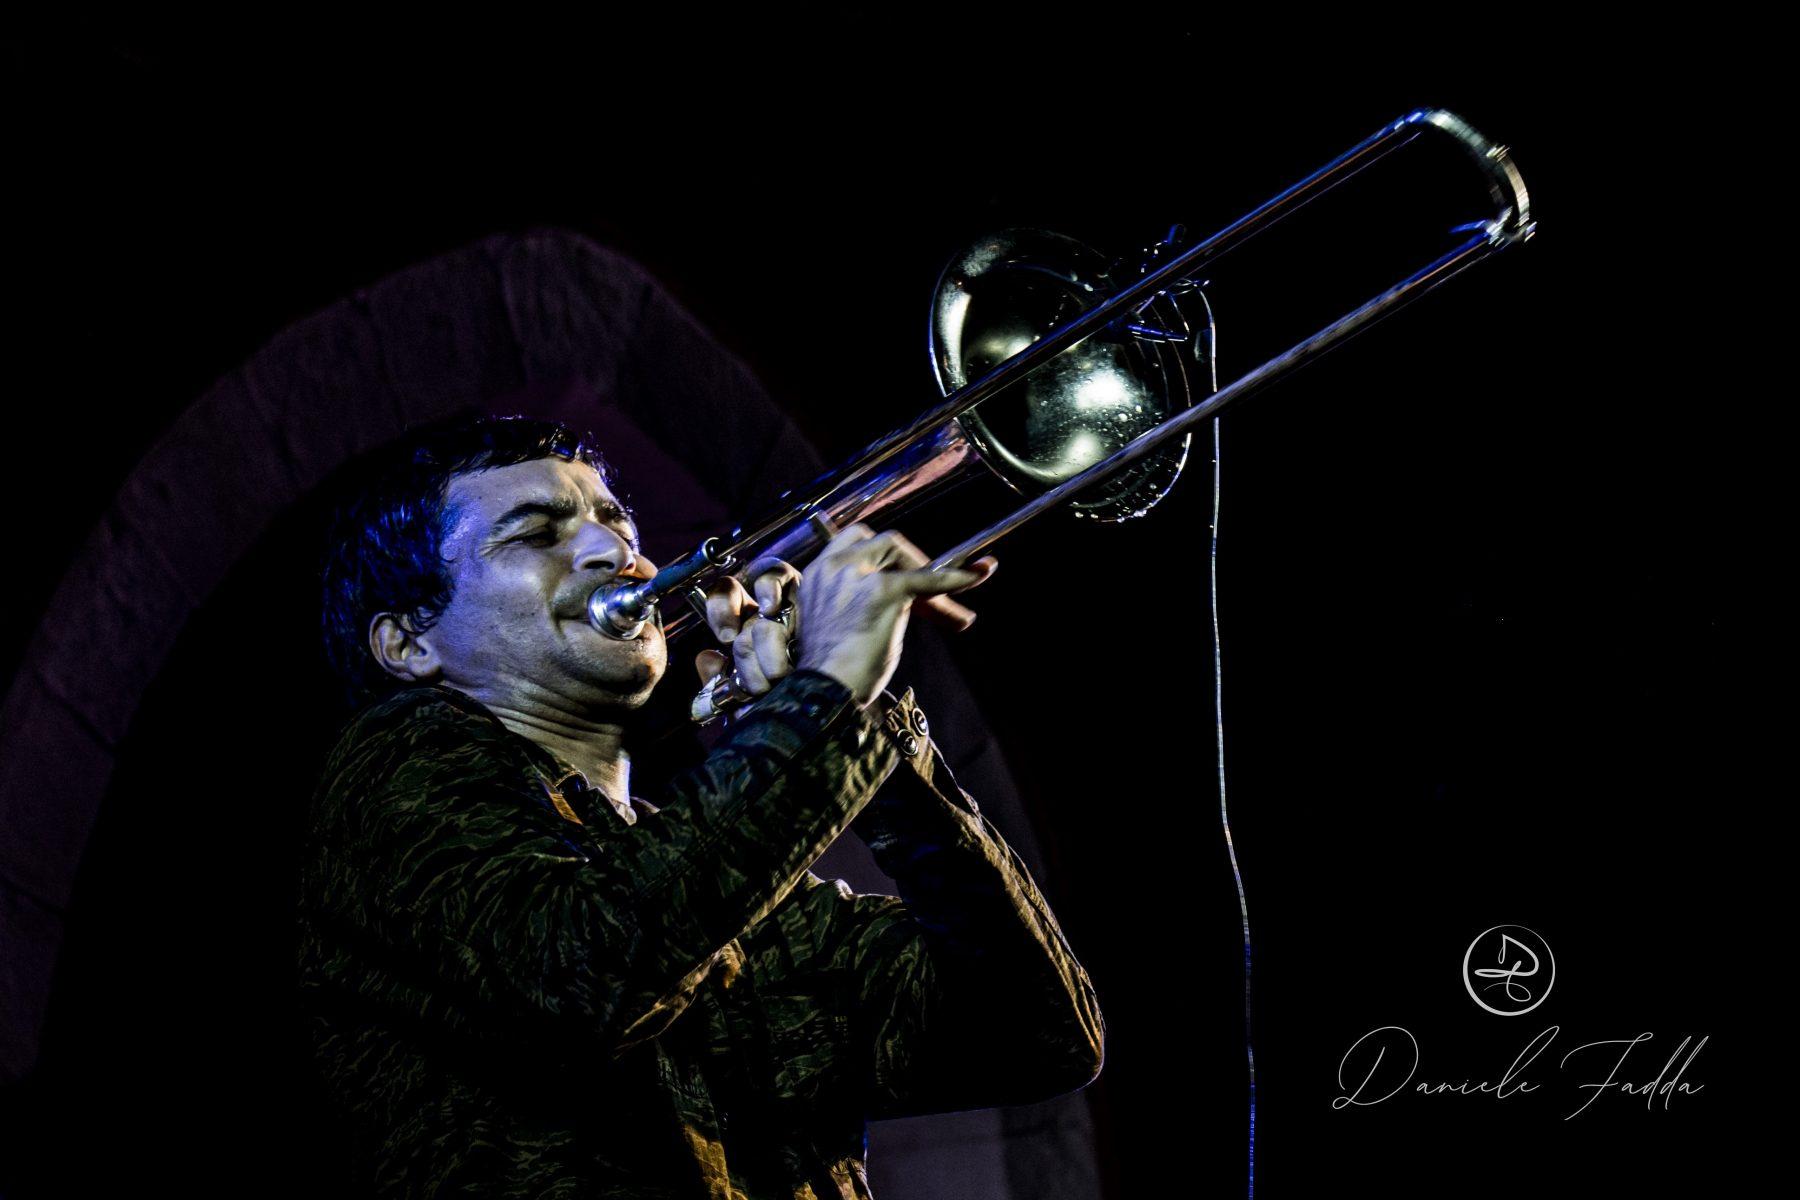 Forma e Poesia nel Jazz - Daniele Fadda - Petrella-Mirra Duo - report - 2019 - Simone La Croce - Luca Garau - Sa Scena Sarda